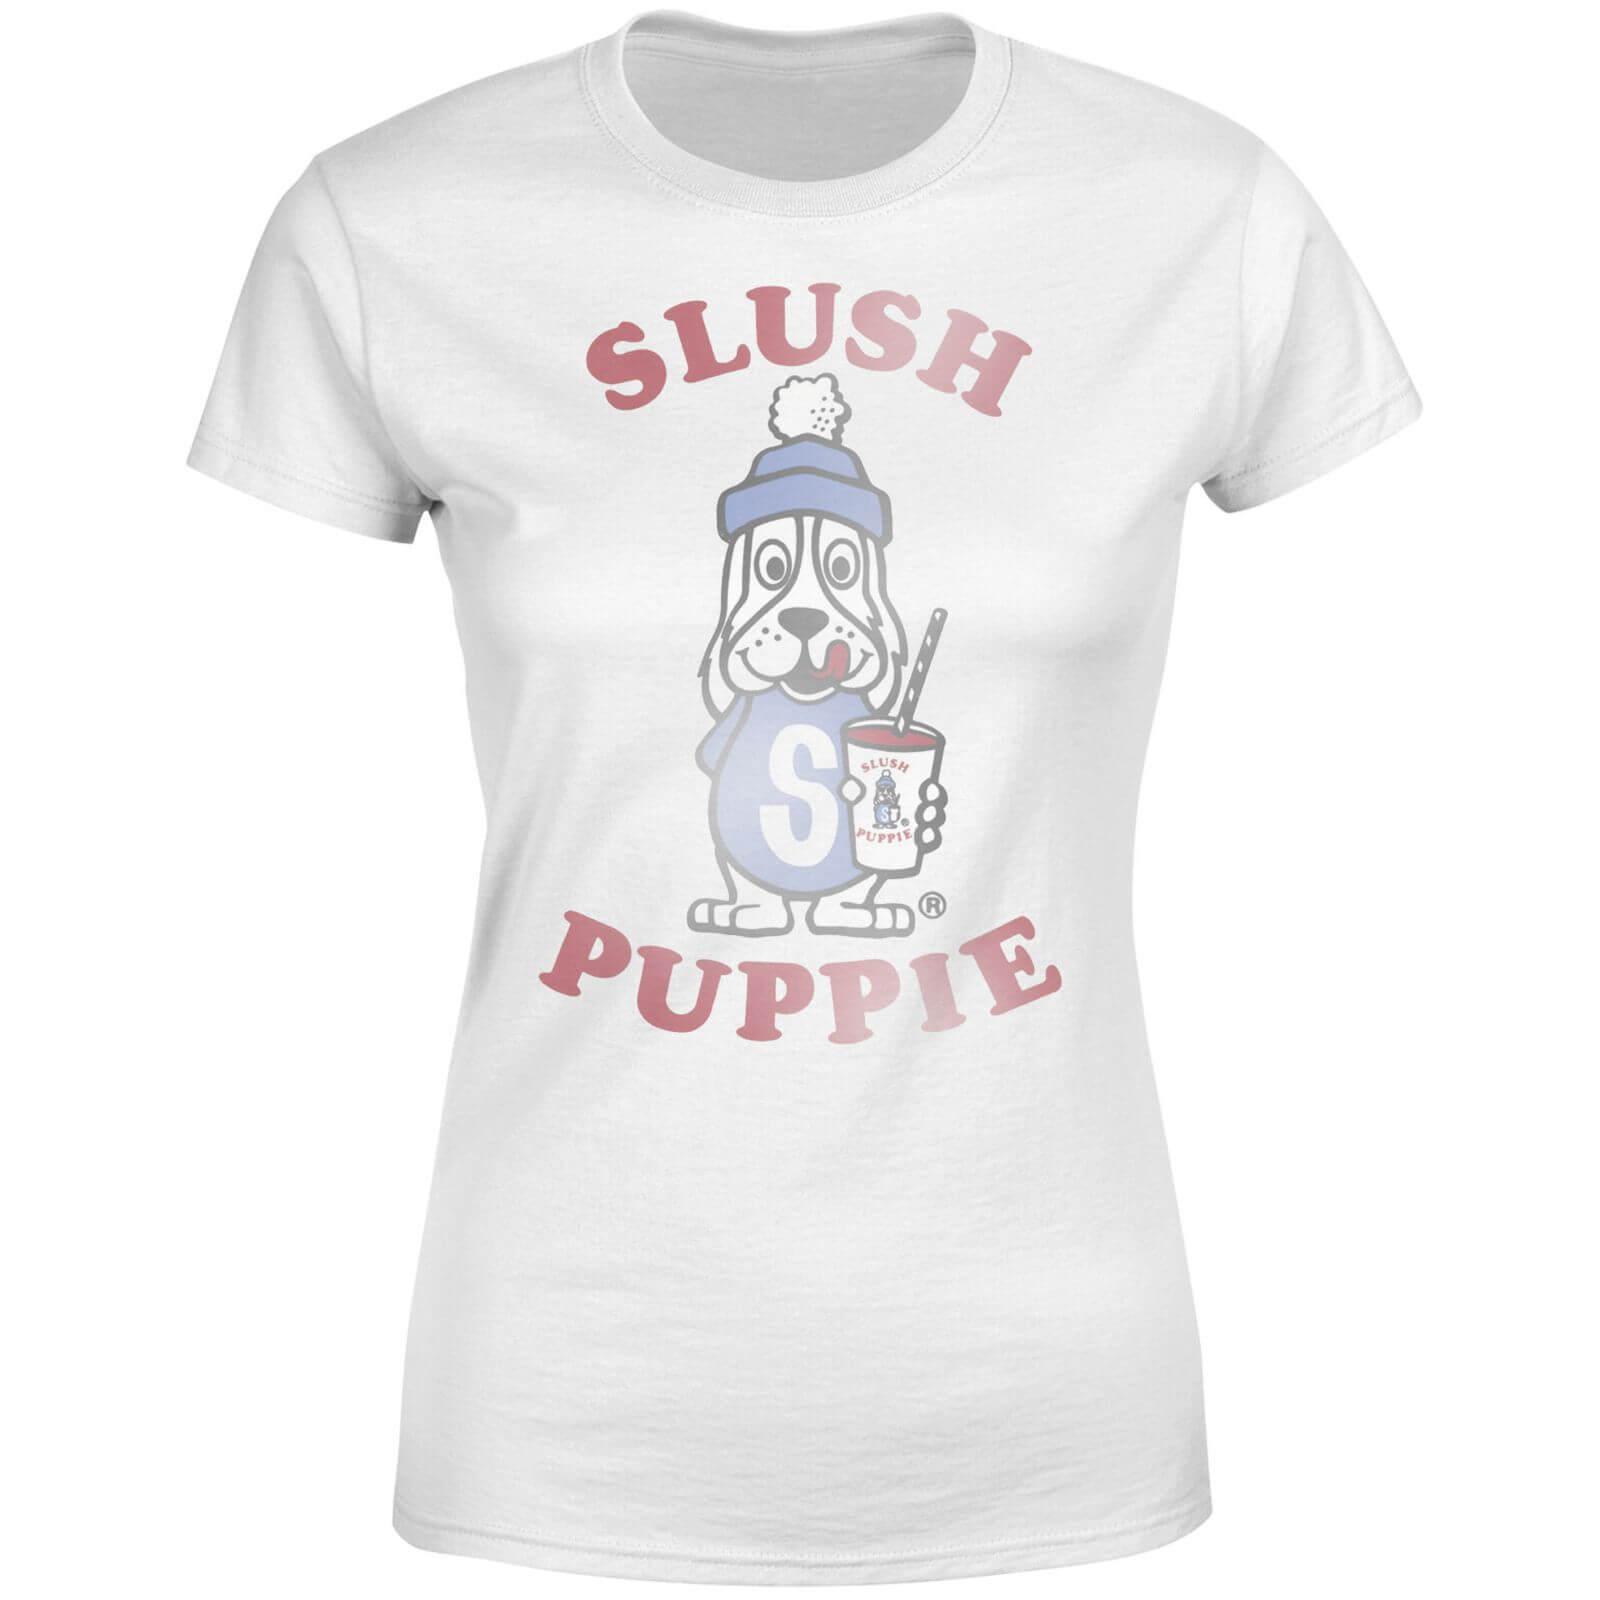 Slush Puppie Slush Puppie Women's T-Shirt - White - S - White